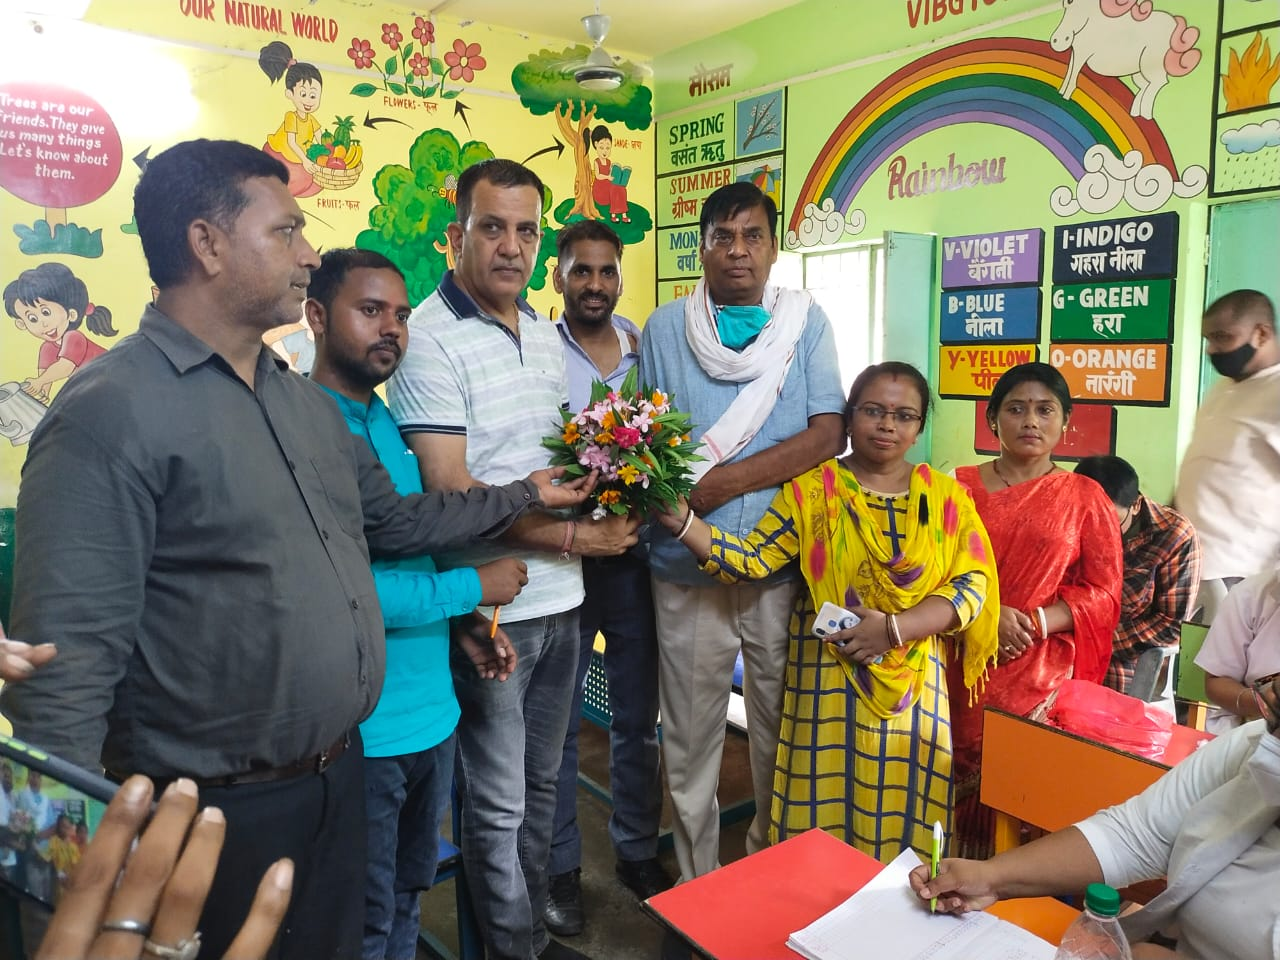 राजकीय प्राथमिक विद्यालय शिवनगर वार्ड नंबर 9 में वेक्सीनेशन कैंप का शुभारंभ